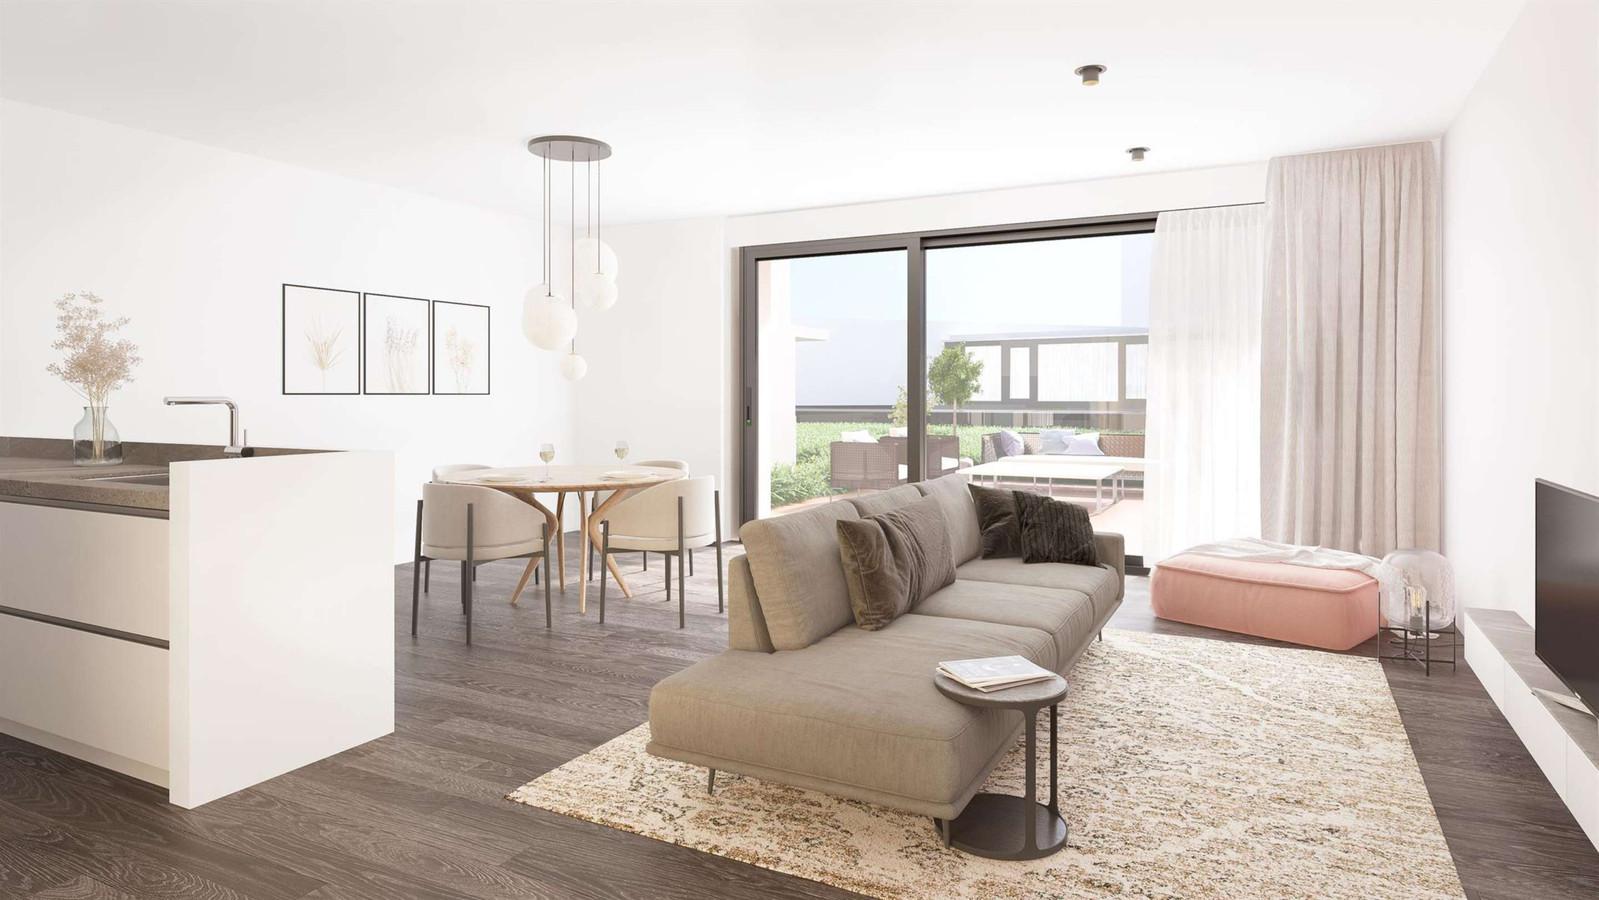 De appartementen hebben gezellige leefruimtes